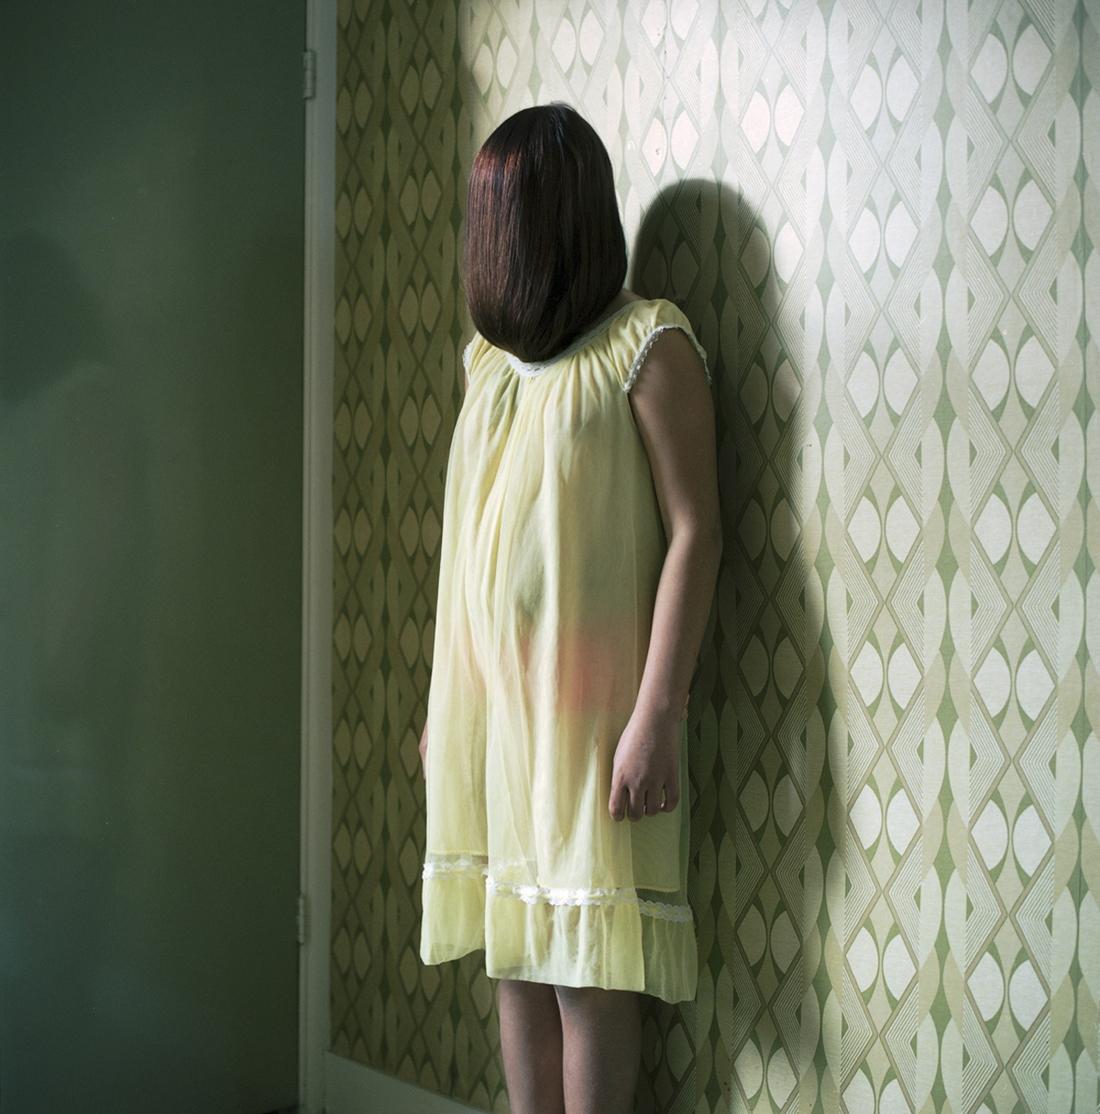 Untitled: Photographer Hellen van Meene captures unsettling portraits of women